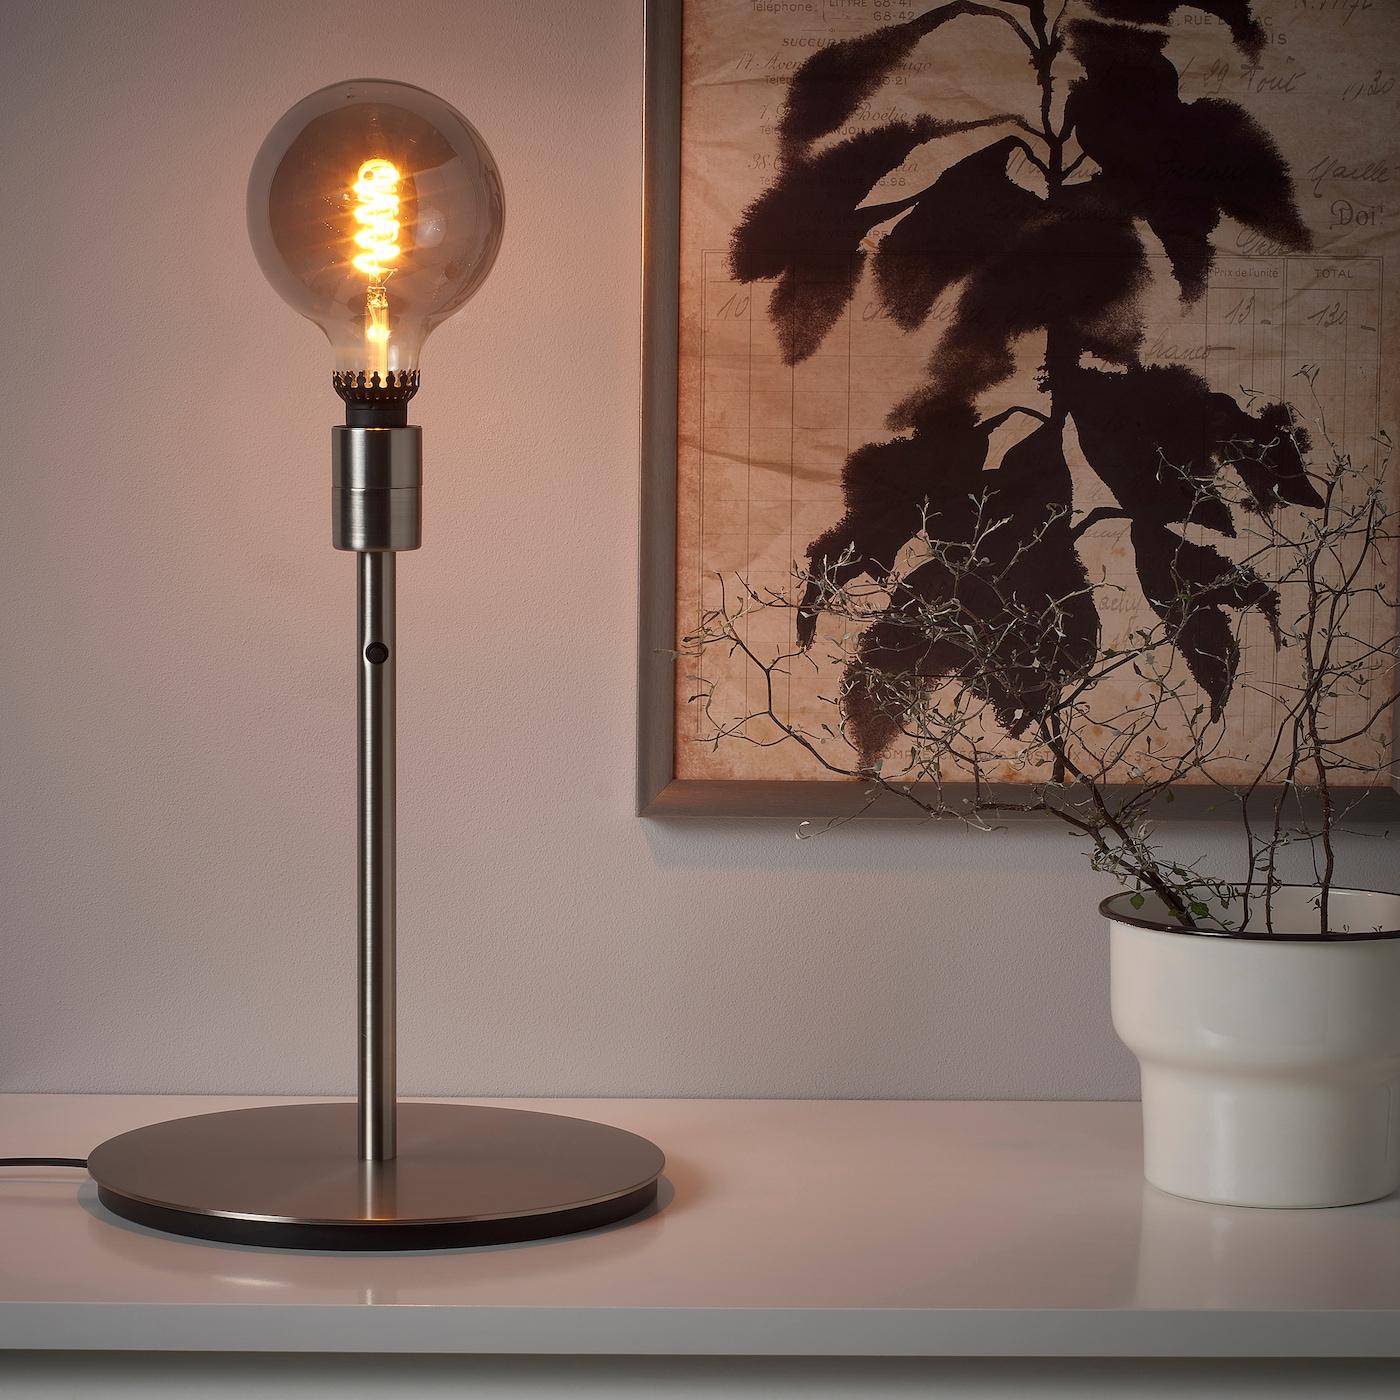 ROLLSBO SKAFTET Bordlampe med pære globe gråt klart glas, forniklet 200 lm 125 mm